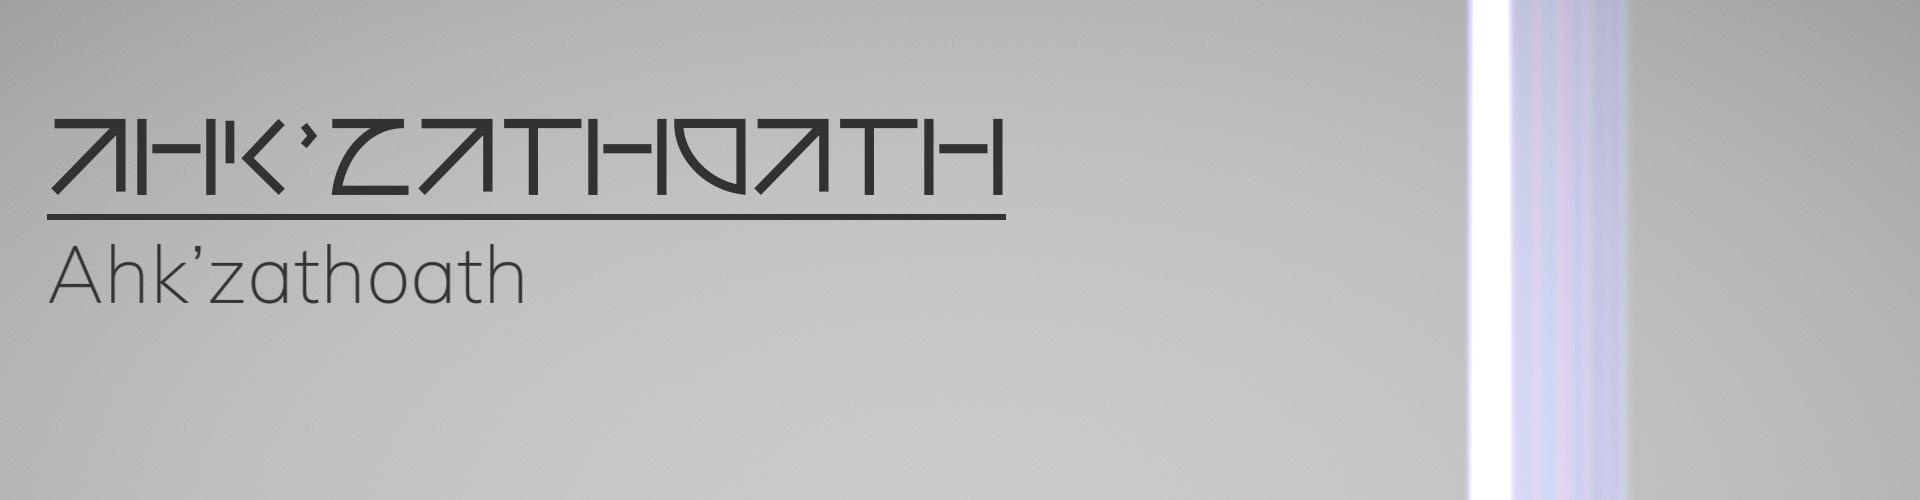 Ahk'zathoath